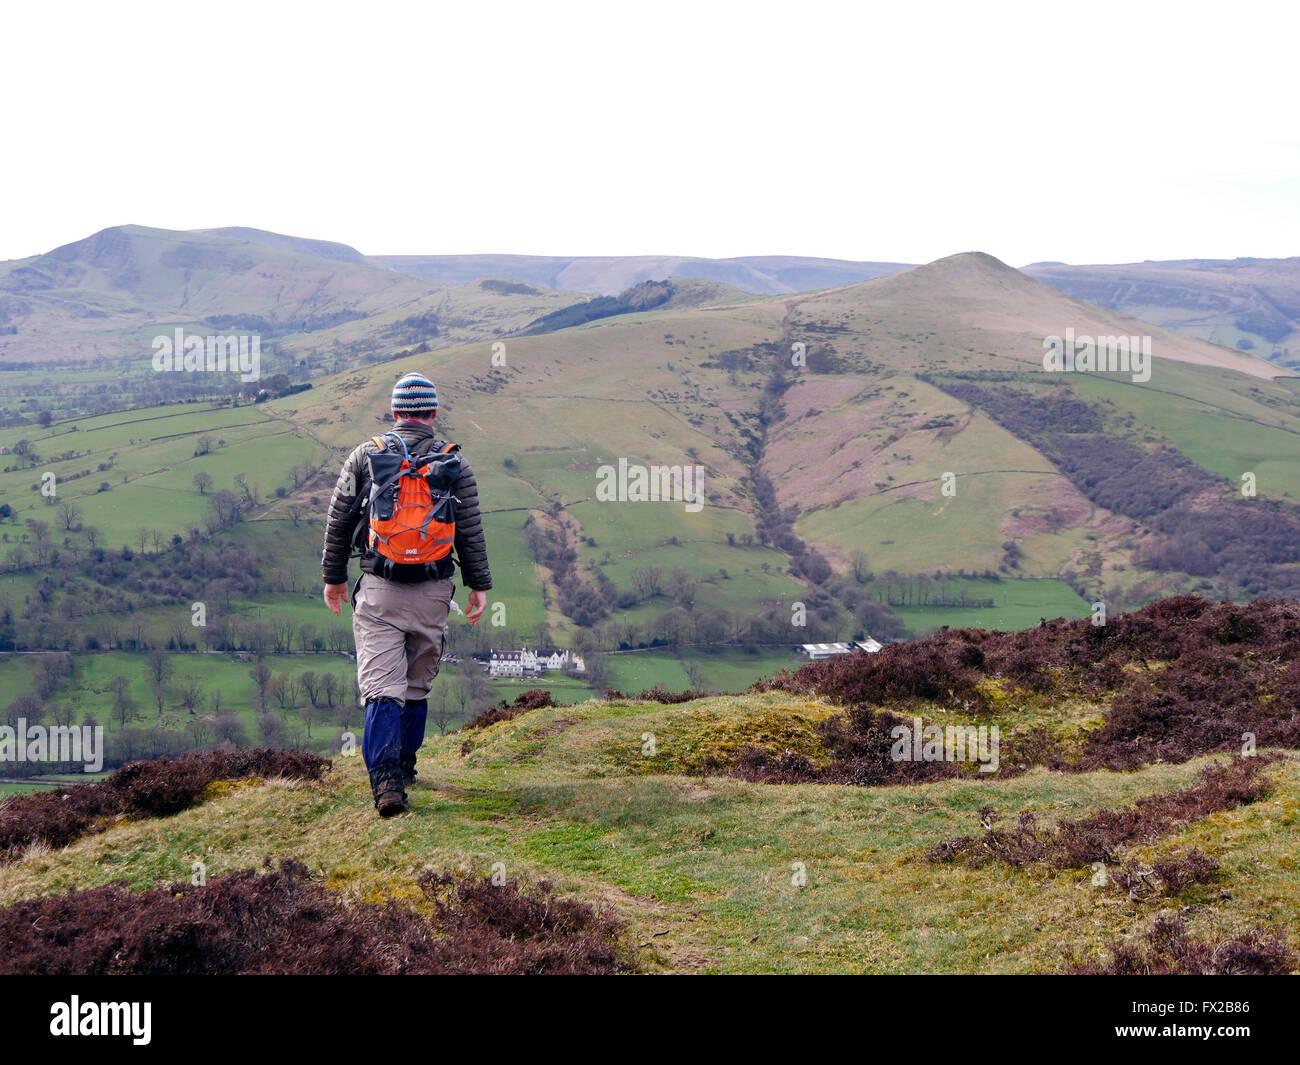 Kinder Scout, Peak District National Park, Derbyshire - Stock Image